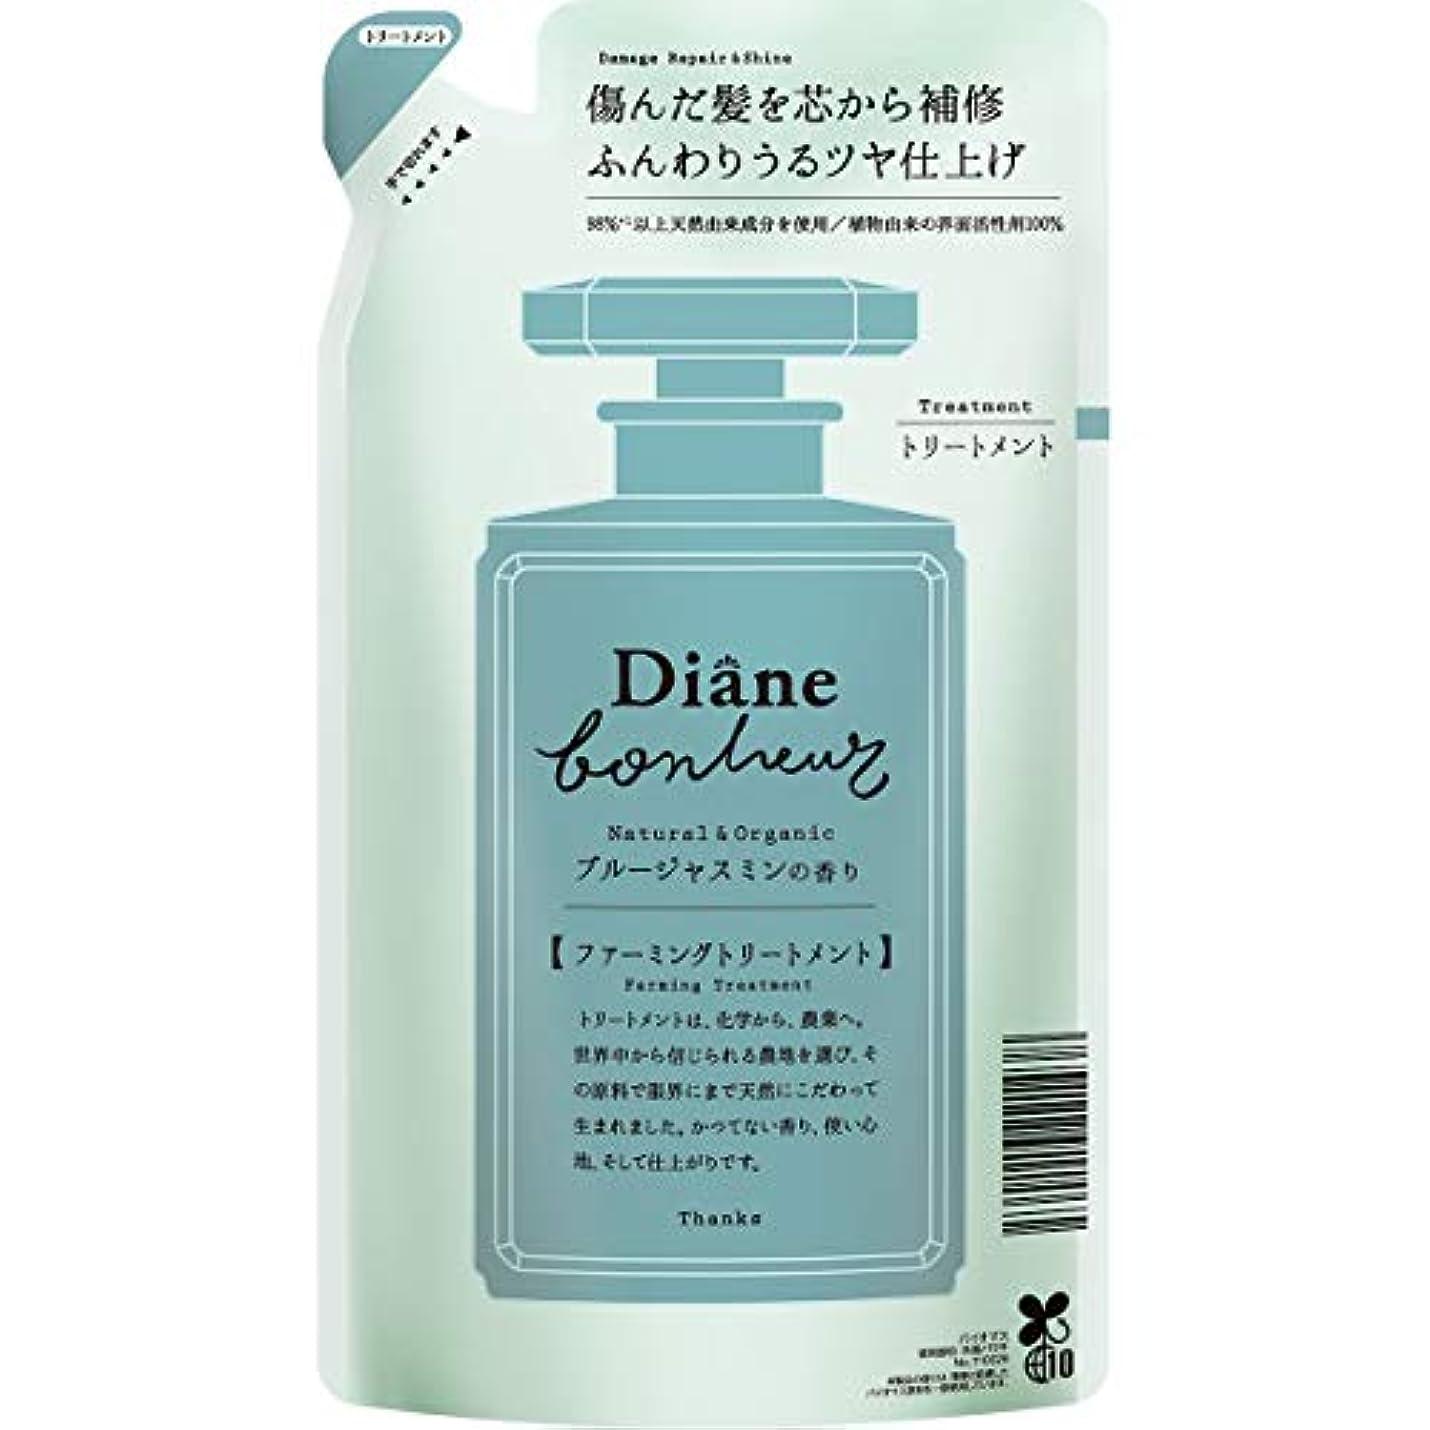 因子綺麗なベッドを作るダイアン ボヌール トリートメント ブルージャスミンの香り ダメージリペア&シャイン 詰め替え 400ml